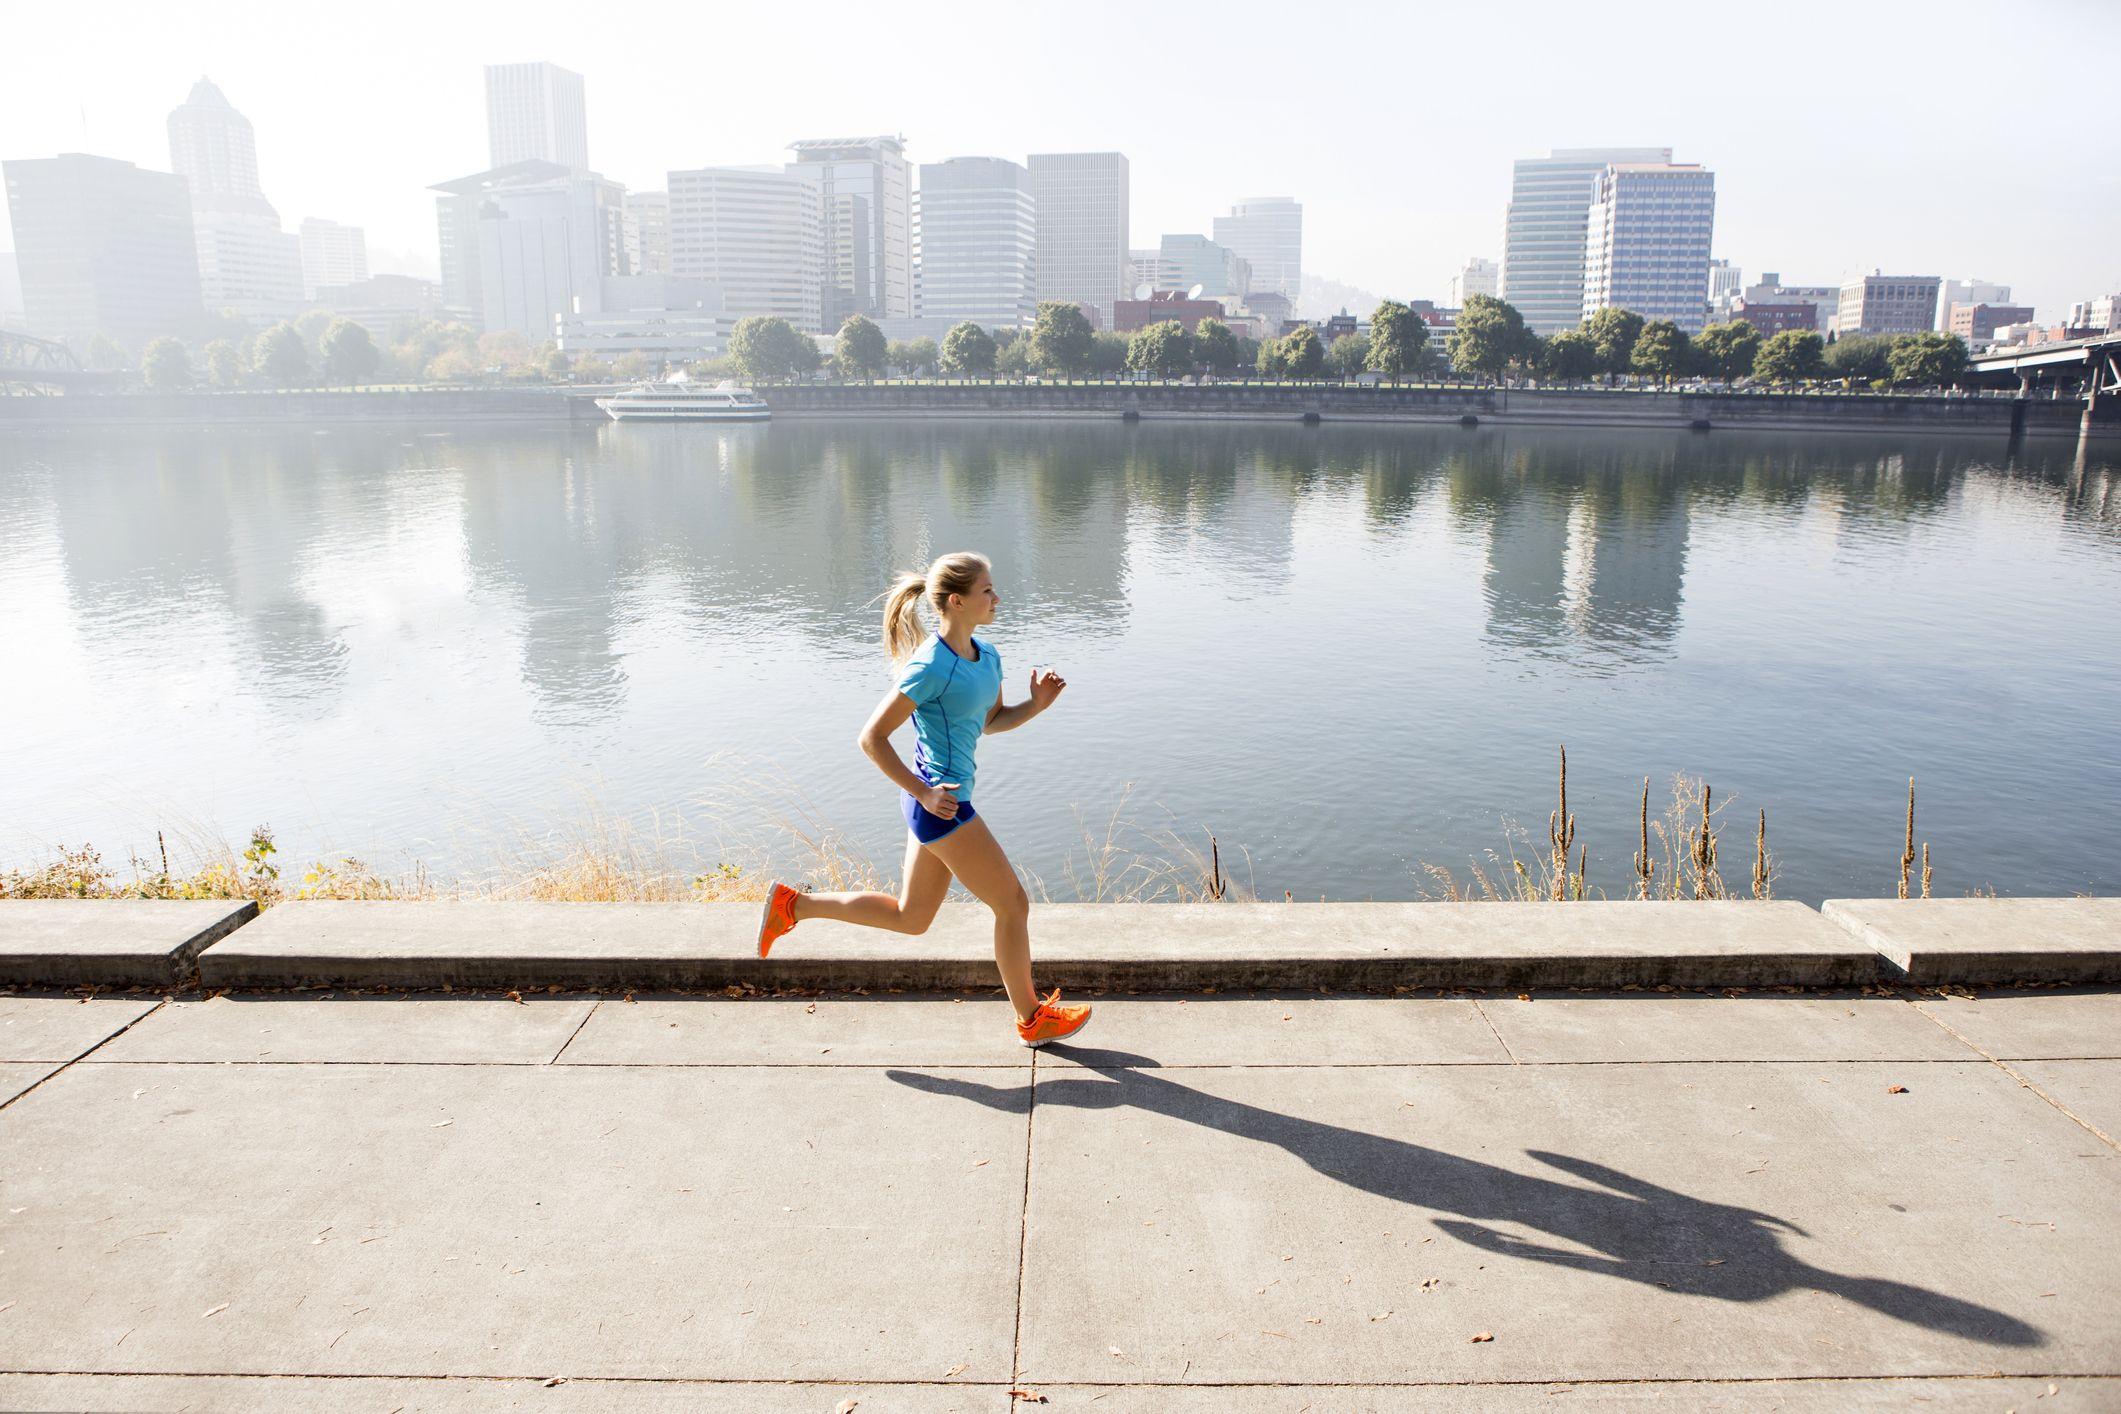 Τακτική σωματική άσκηση: Μειώνει τον κίνδυνο θανάτου από φυσικά αίτια, ακόμη και σε περιοχές με ατμοσφαιρική ρύπανση